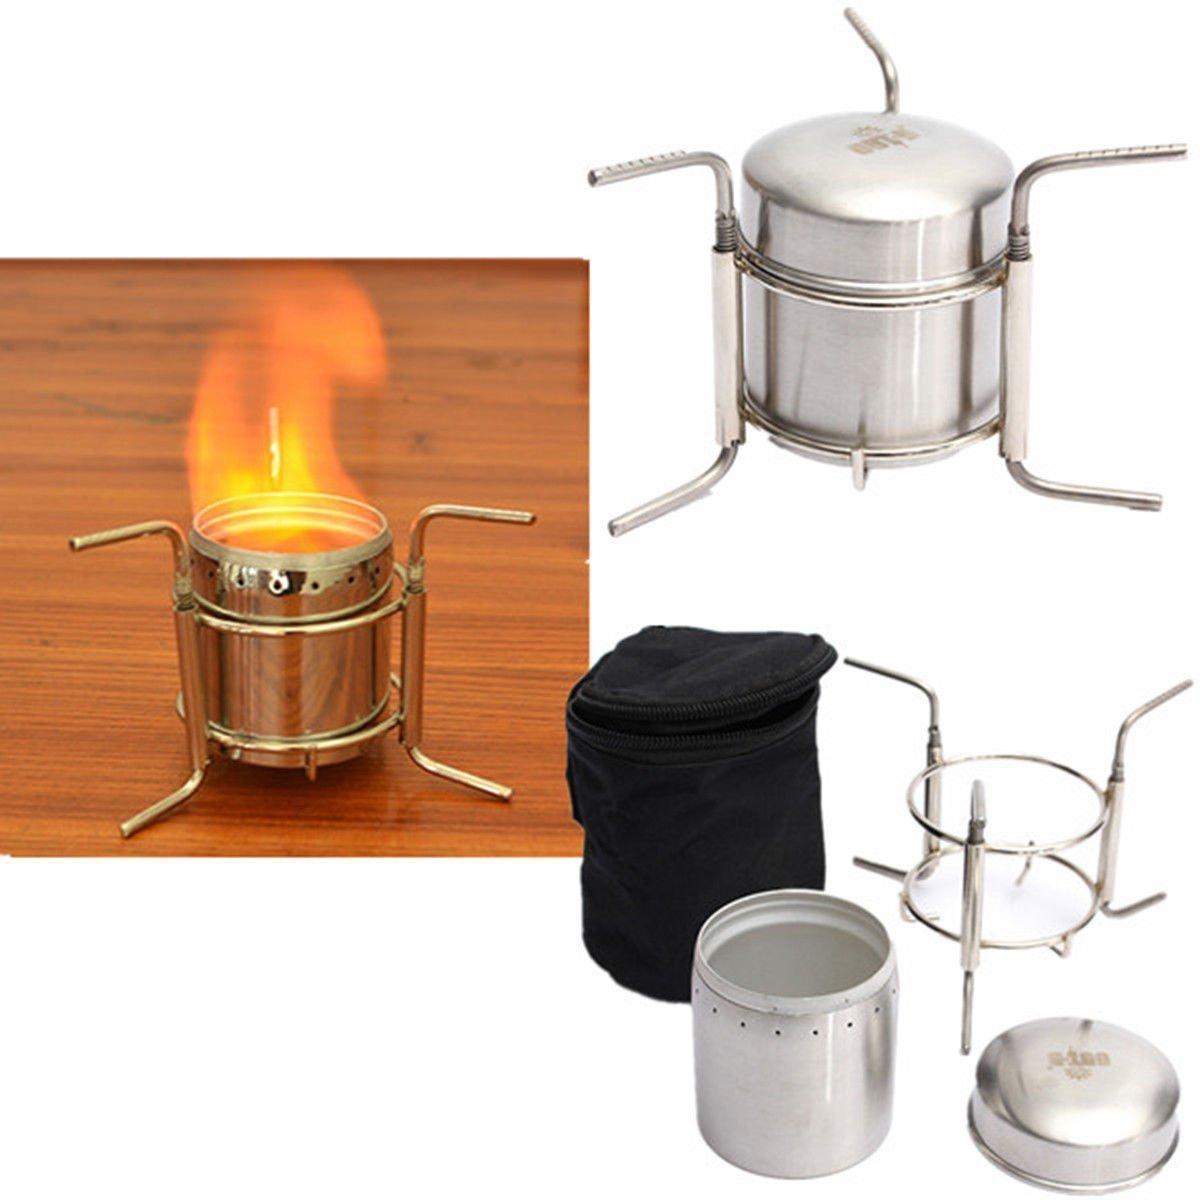 ... cocina hornillo de Alcoho espíritu Bur quemador camping camping Reino Unido al aire libre Alcohol urvival barbacoa senderismo supervivencia barbacoa NV ...